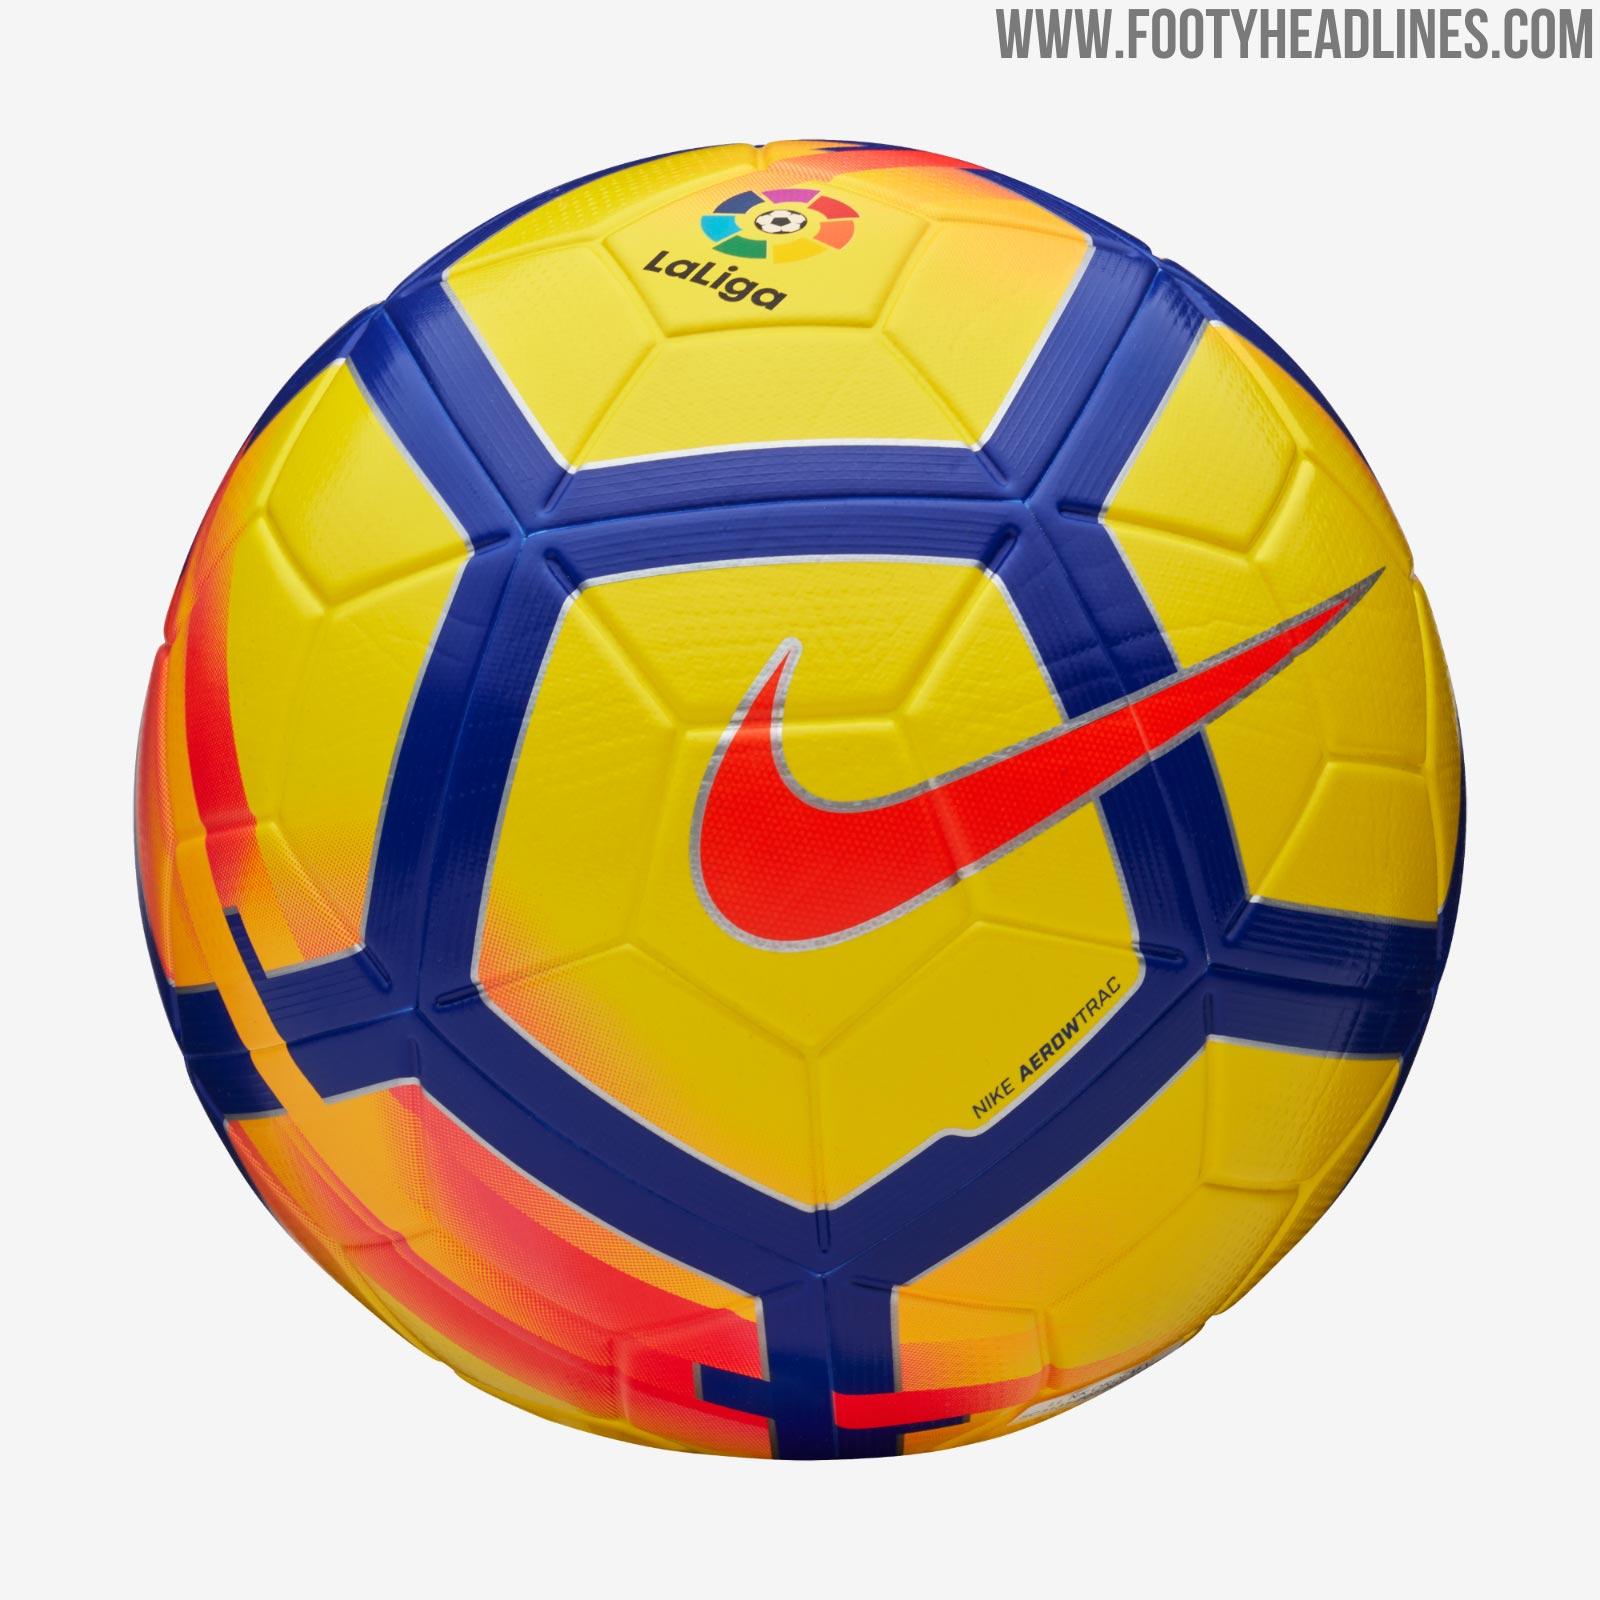 Nike La Liga 17-18 Winter Ball Leaked - Footy Headlines